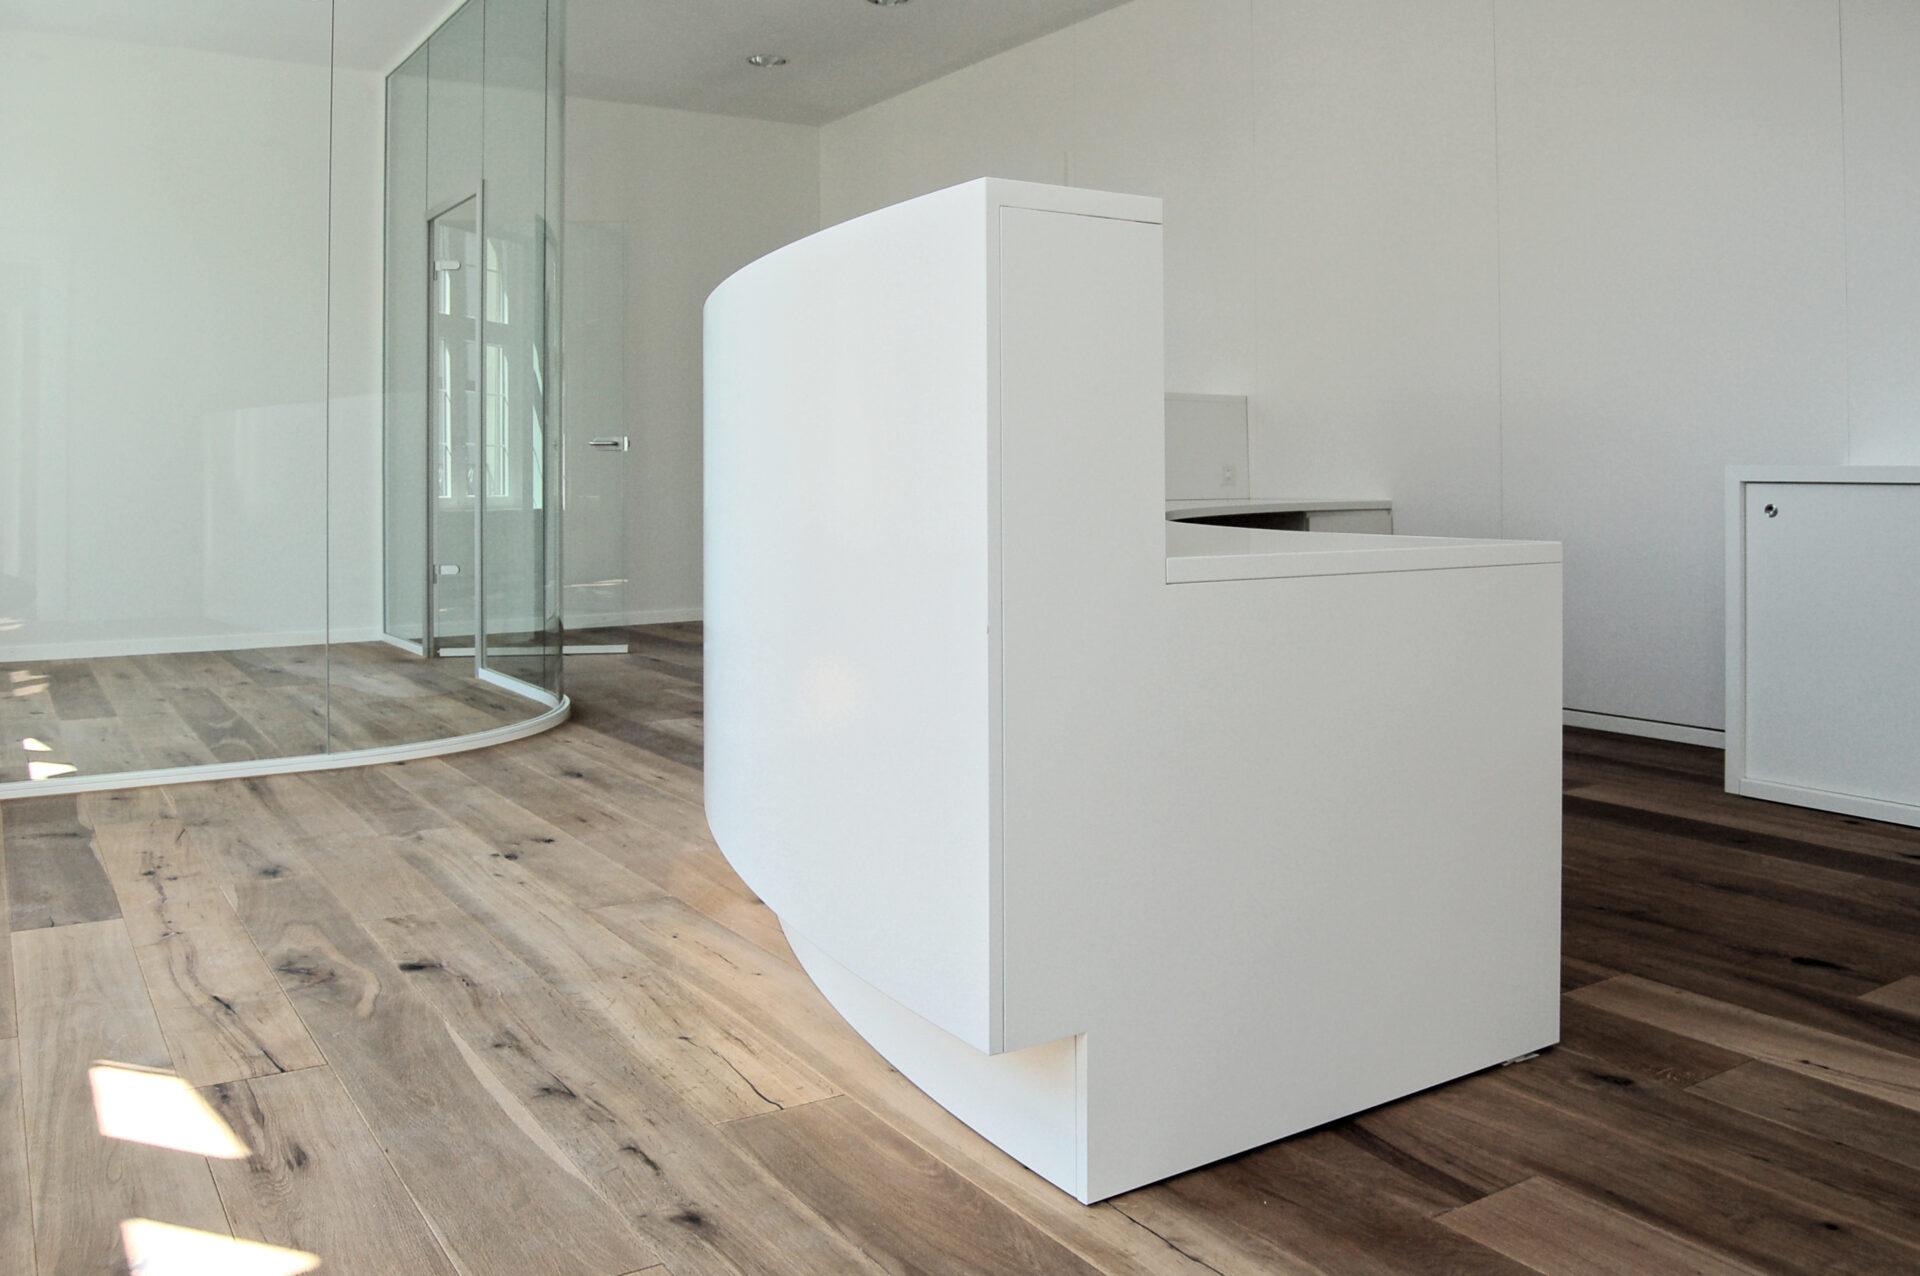 Möbel und Innenausbau | Hirschi Schreinerei | Adligenswil